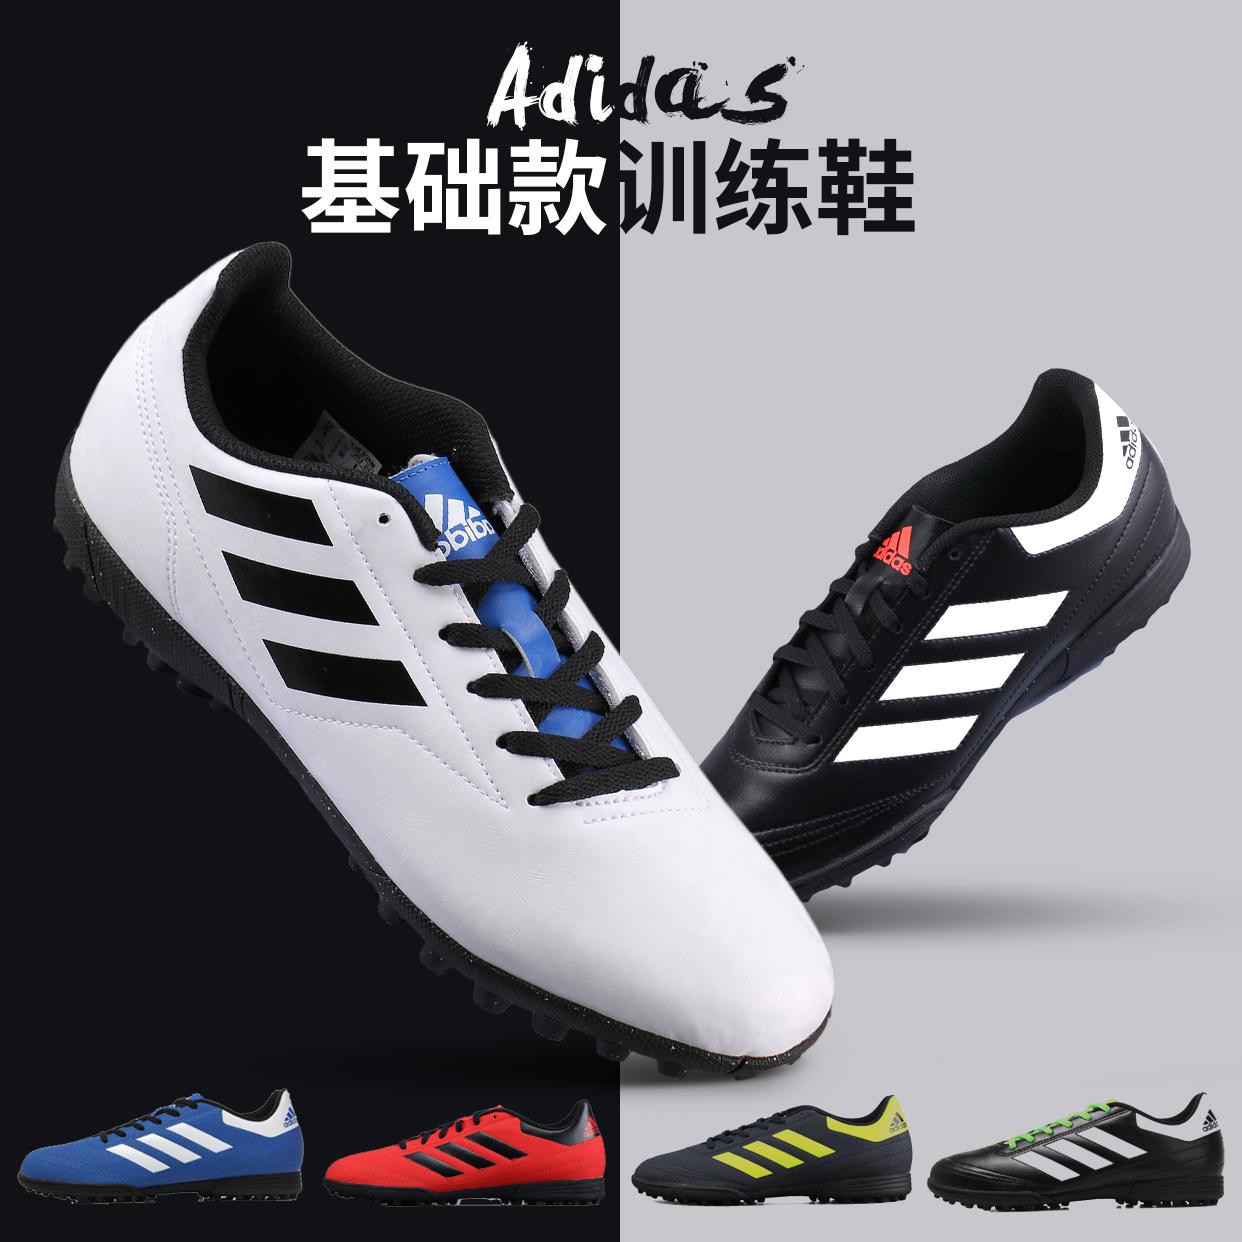 正品阿迪达斯Adidas足球鞋男Goletto VI碎钉TF人草学生成人训练鞋